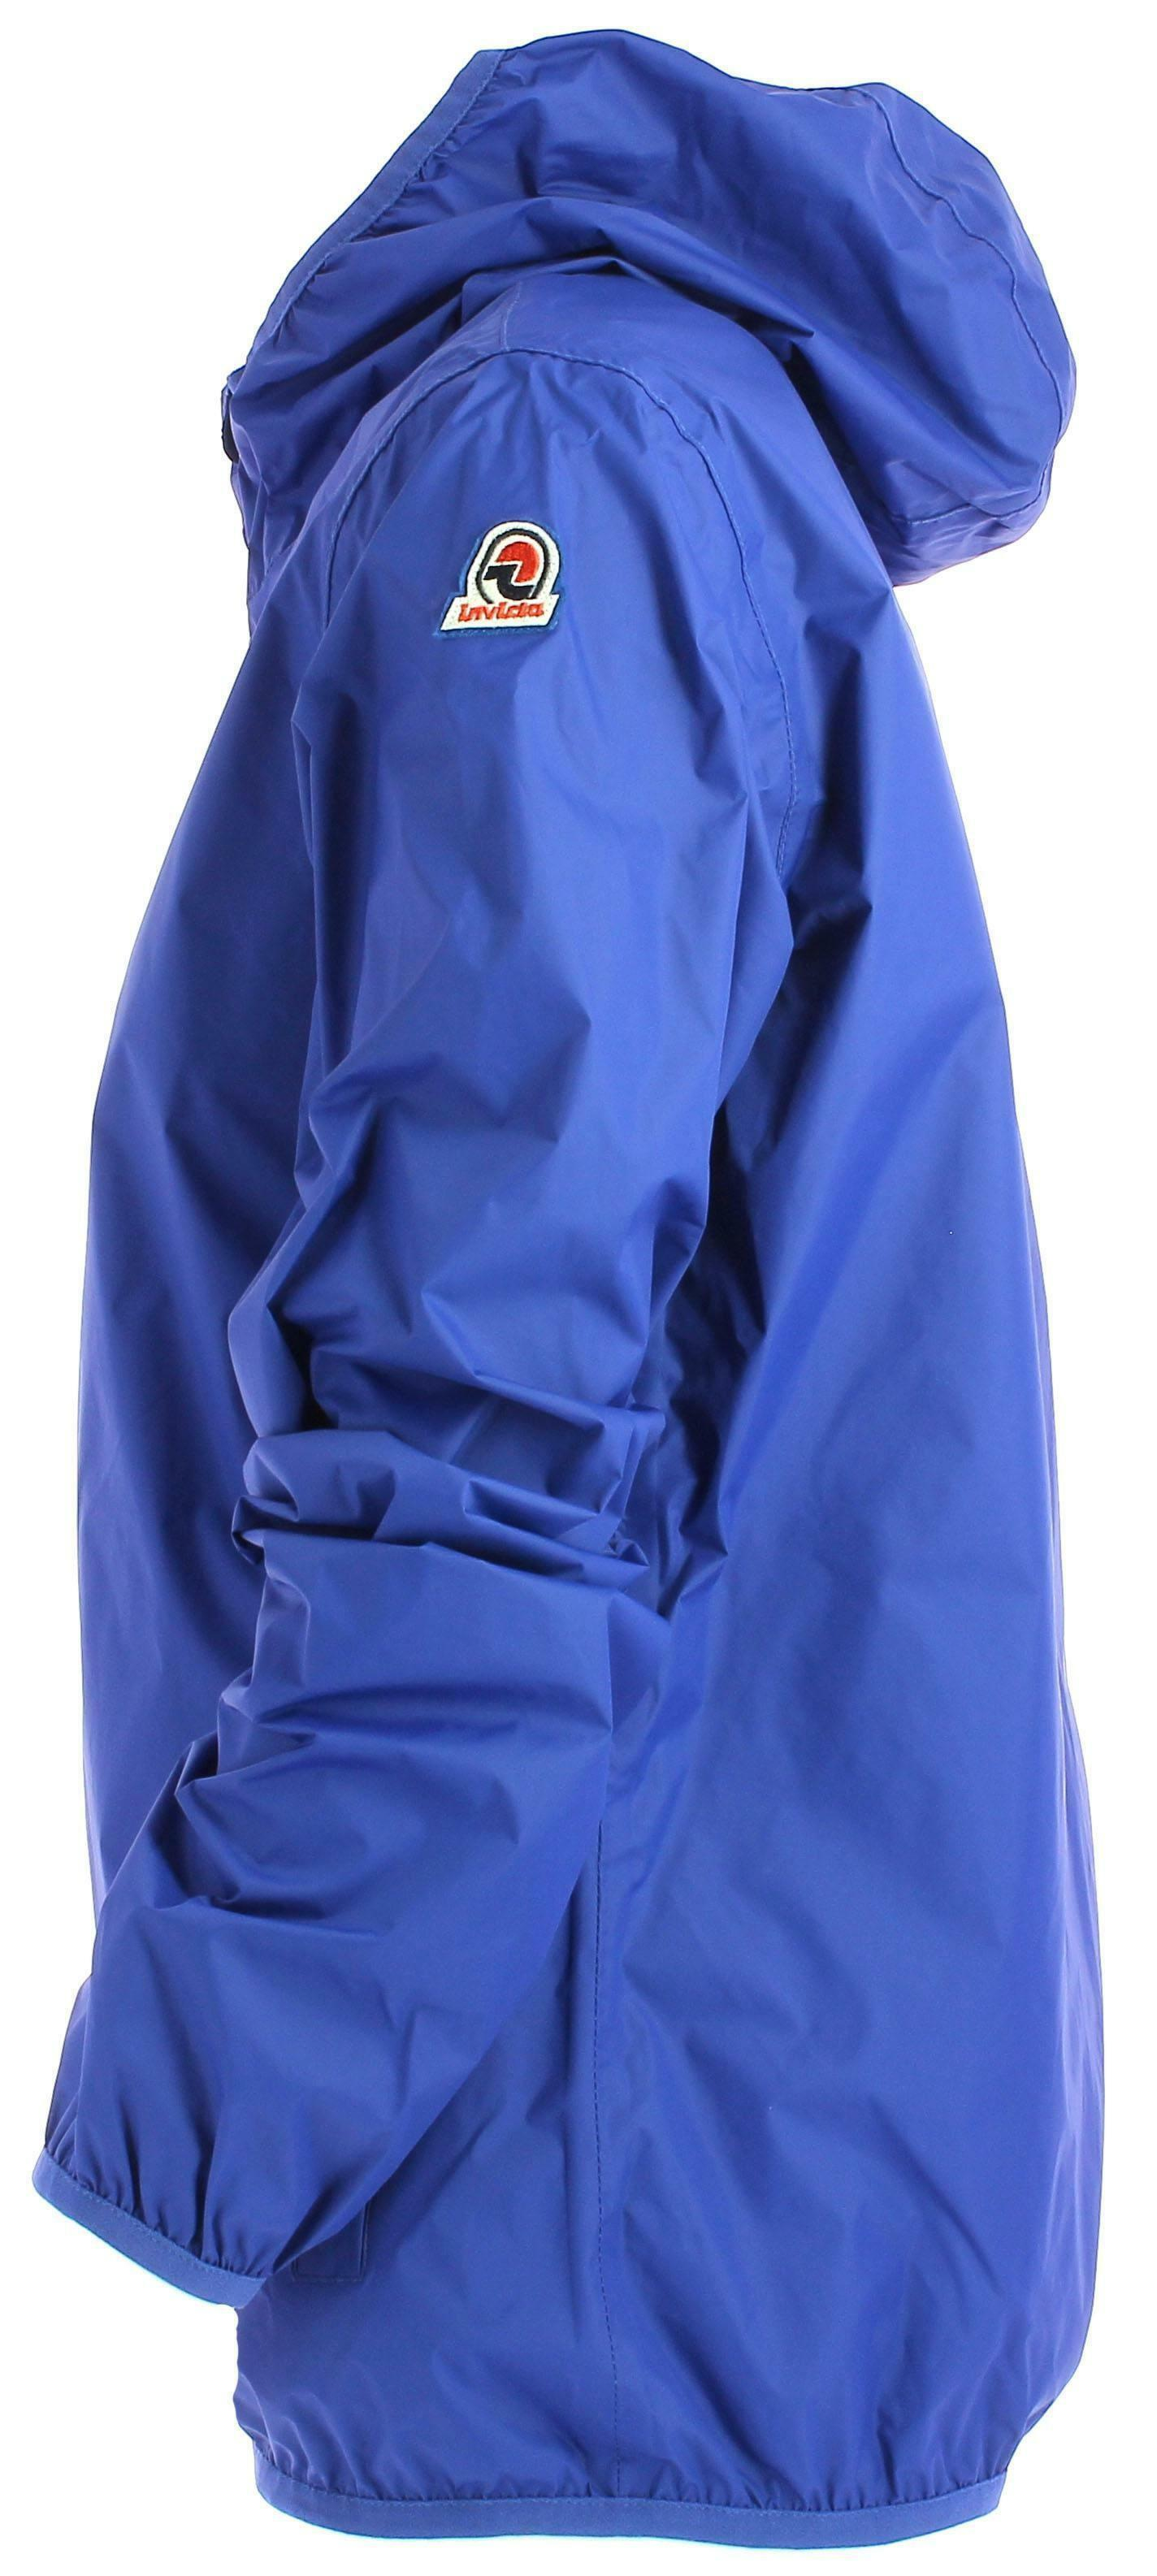 invicta invicta giubbotto donna azzurro